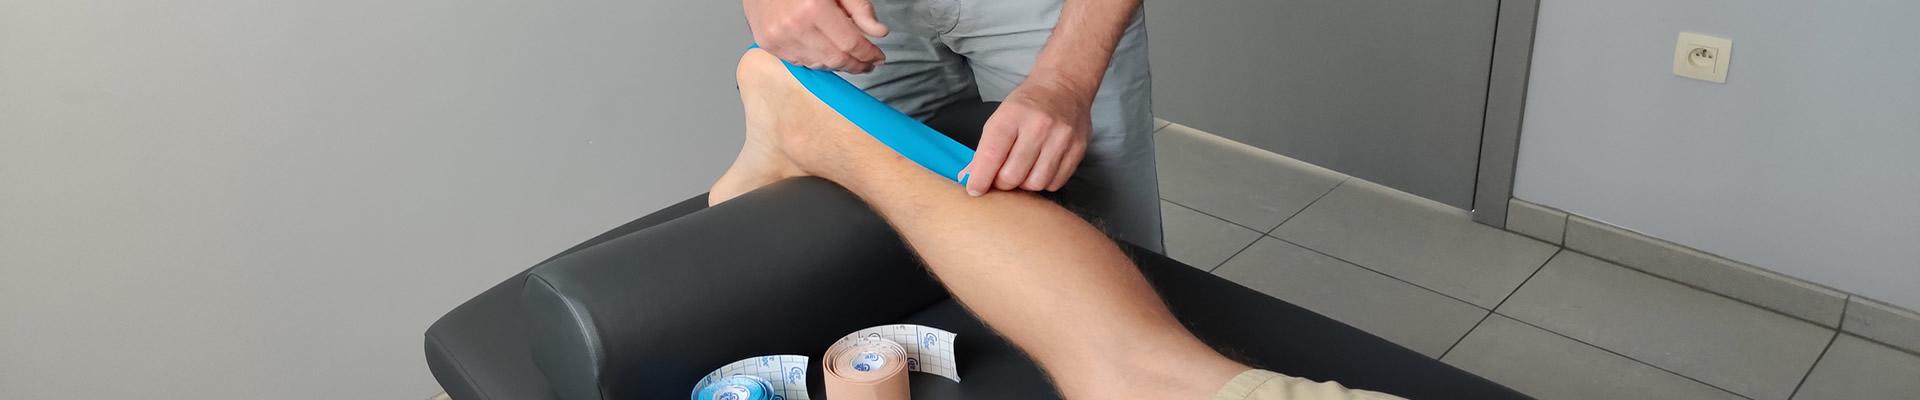 Befit Alken medical taping 2